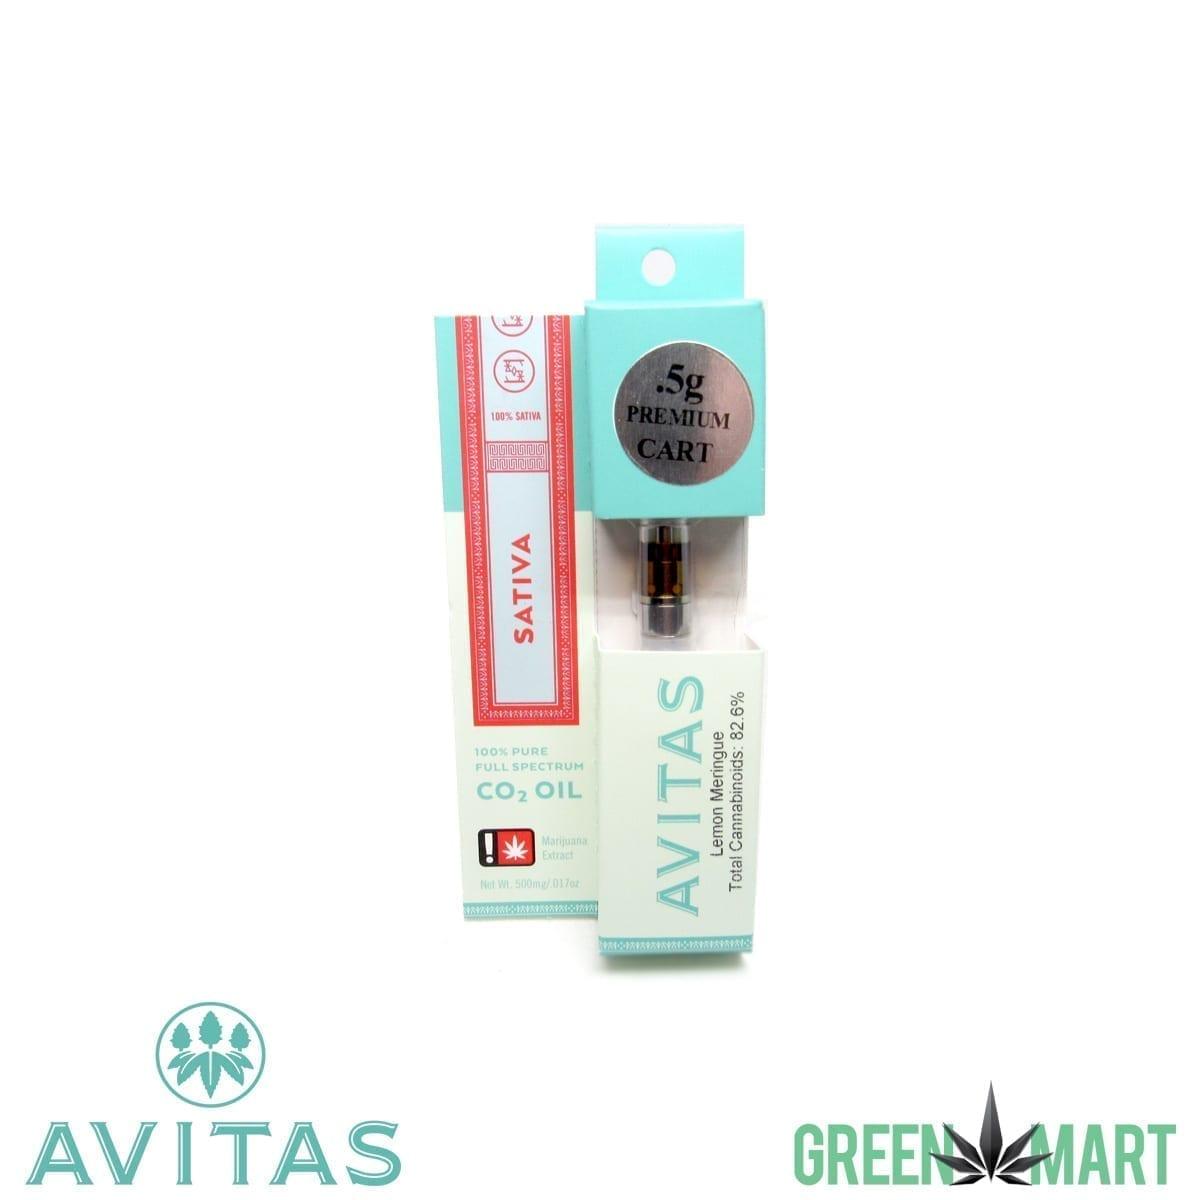 Avitas Cartridges - Lemon Meringue .5g